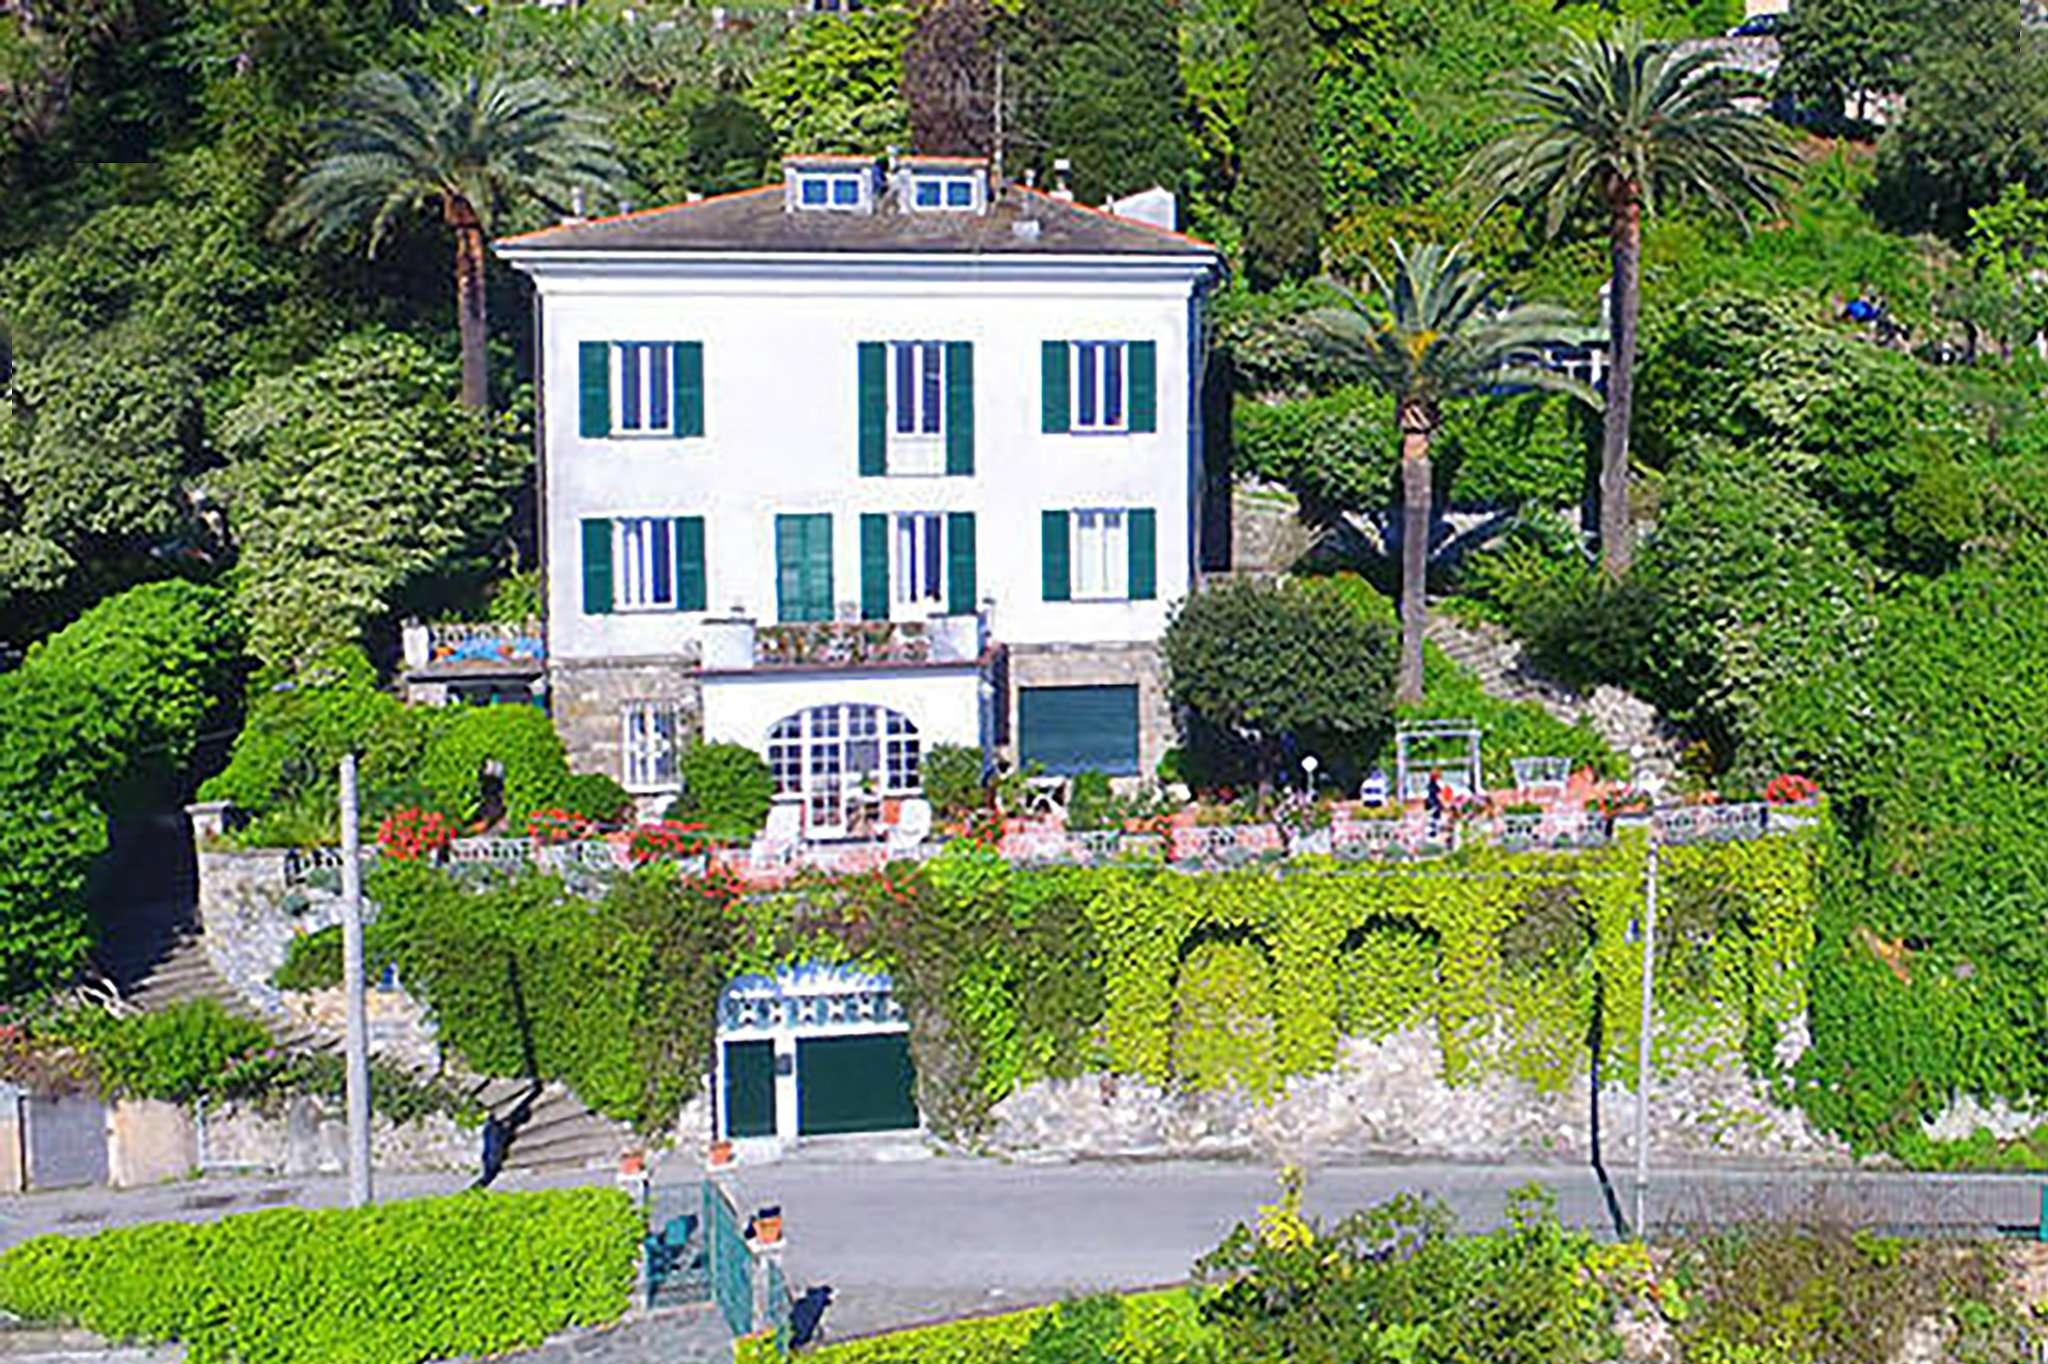 Villa in Vendita a Santa Margherita Ligure: 5 locali, 545 mq